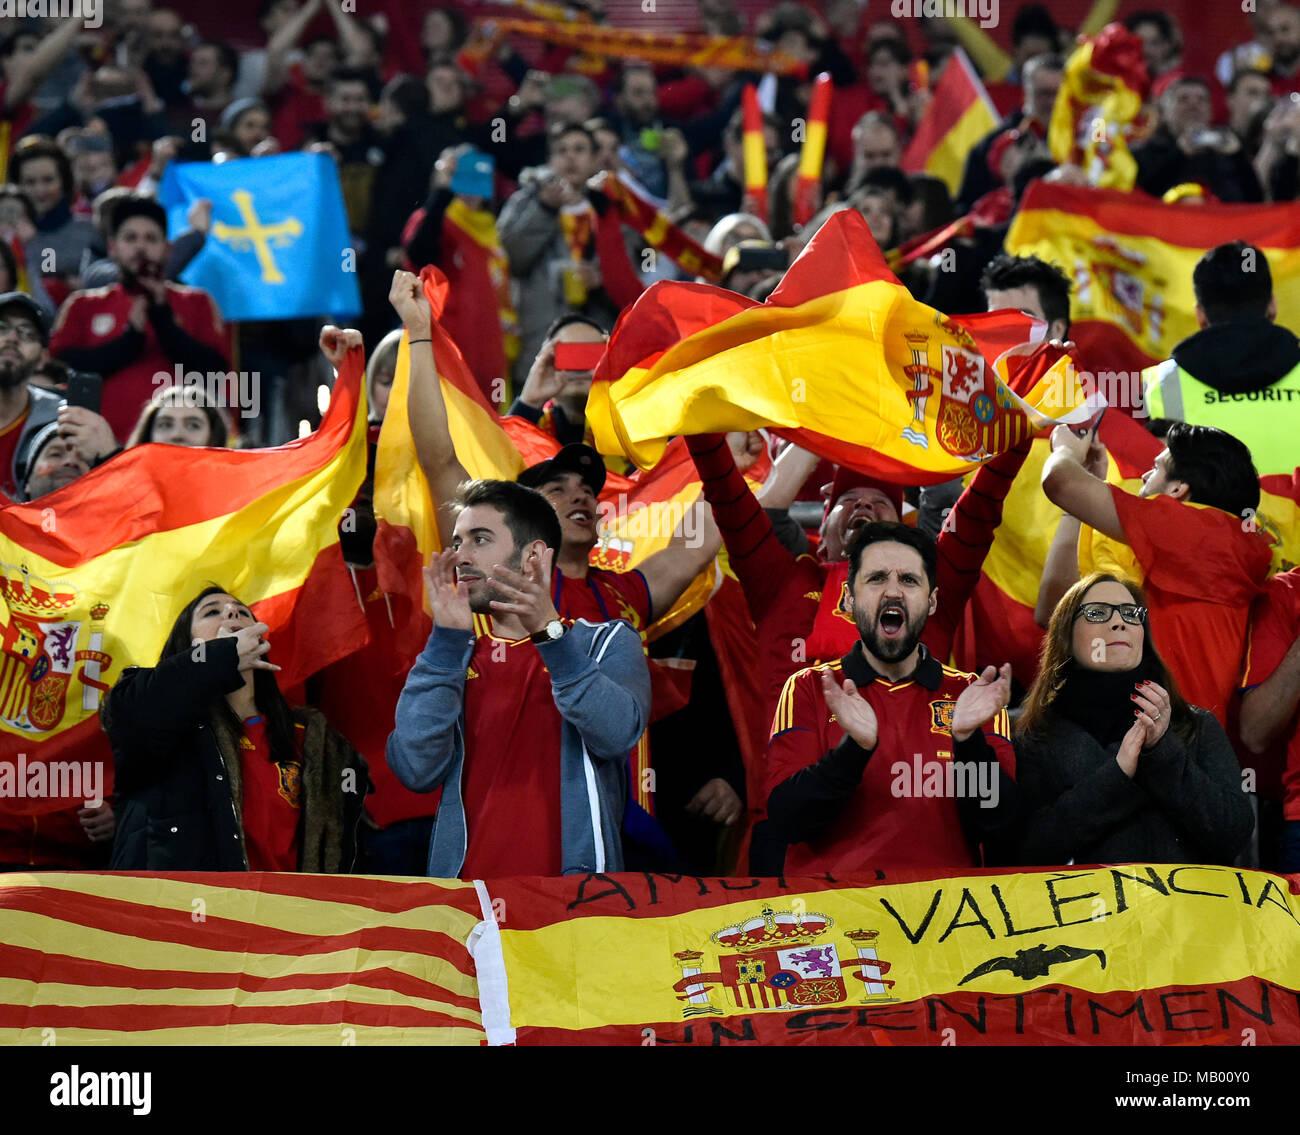 Encouragements de fans espagnols au cours de match de football, l'Esprit Arena, Düsseldorf, Rhénanie du Nord-Westphalie, Allemagne Banque D'Images